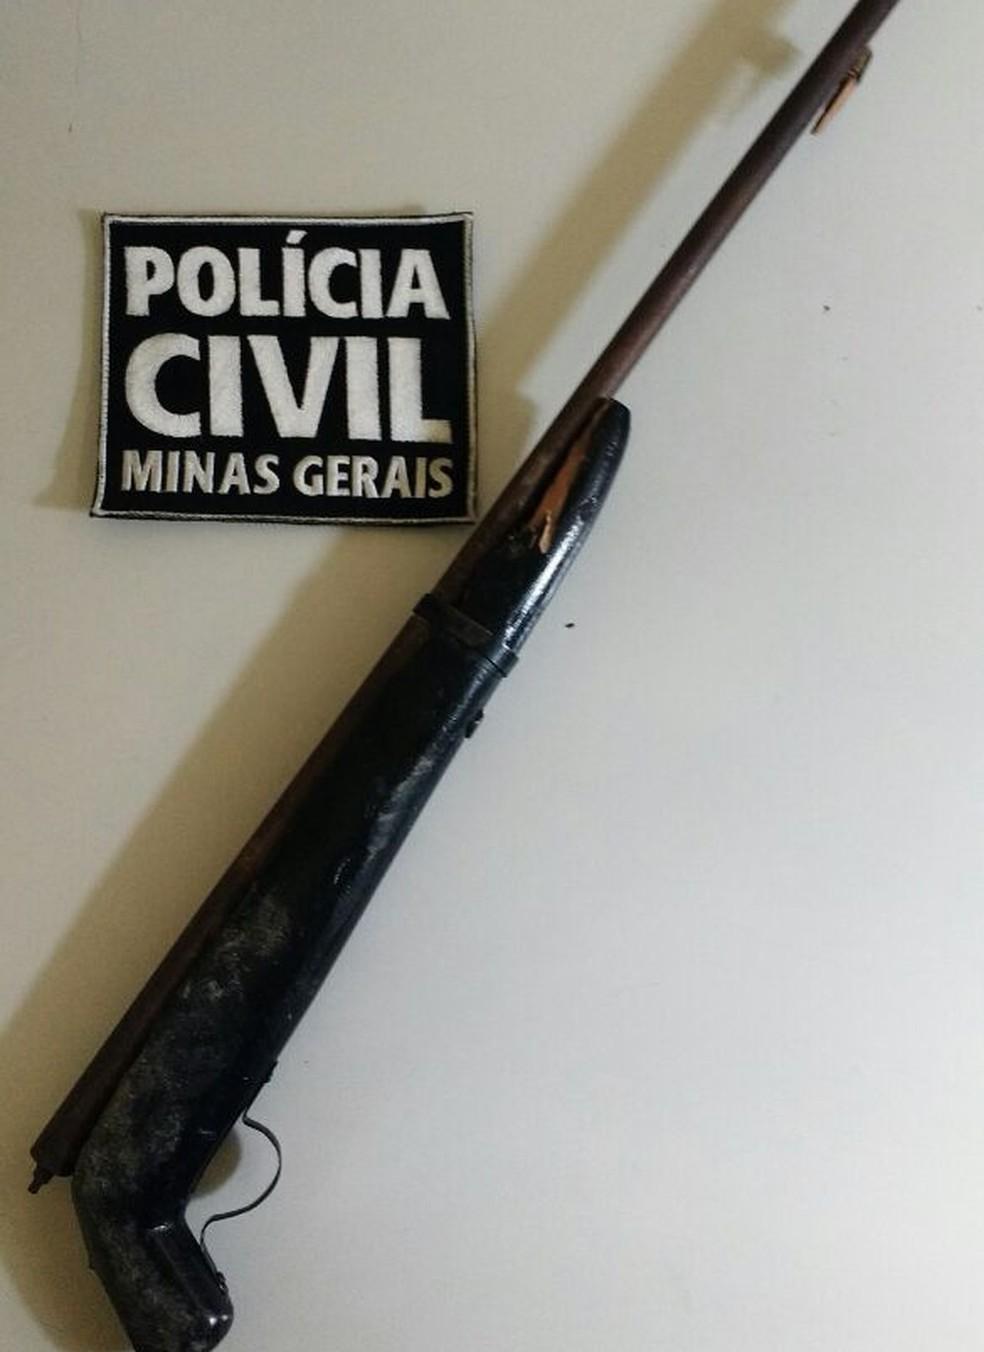 Arma foi entregue ao quartel da PM na noite desse domingo (Foto: Polícia Civil/Divulgação)